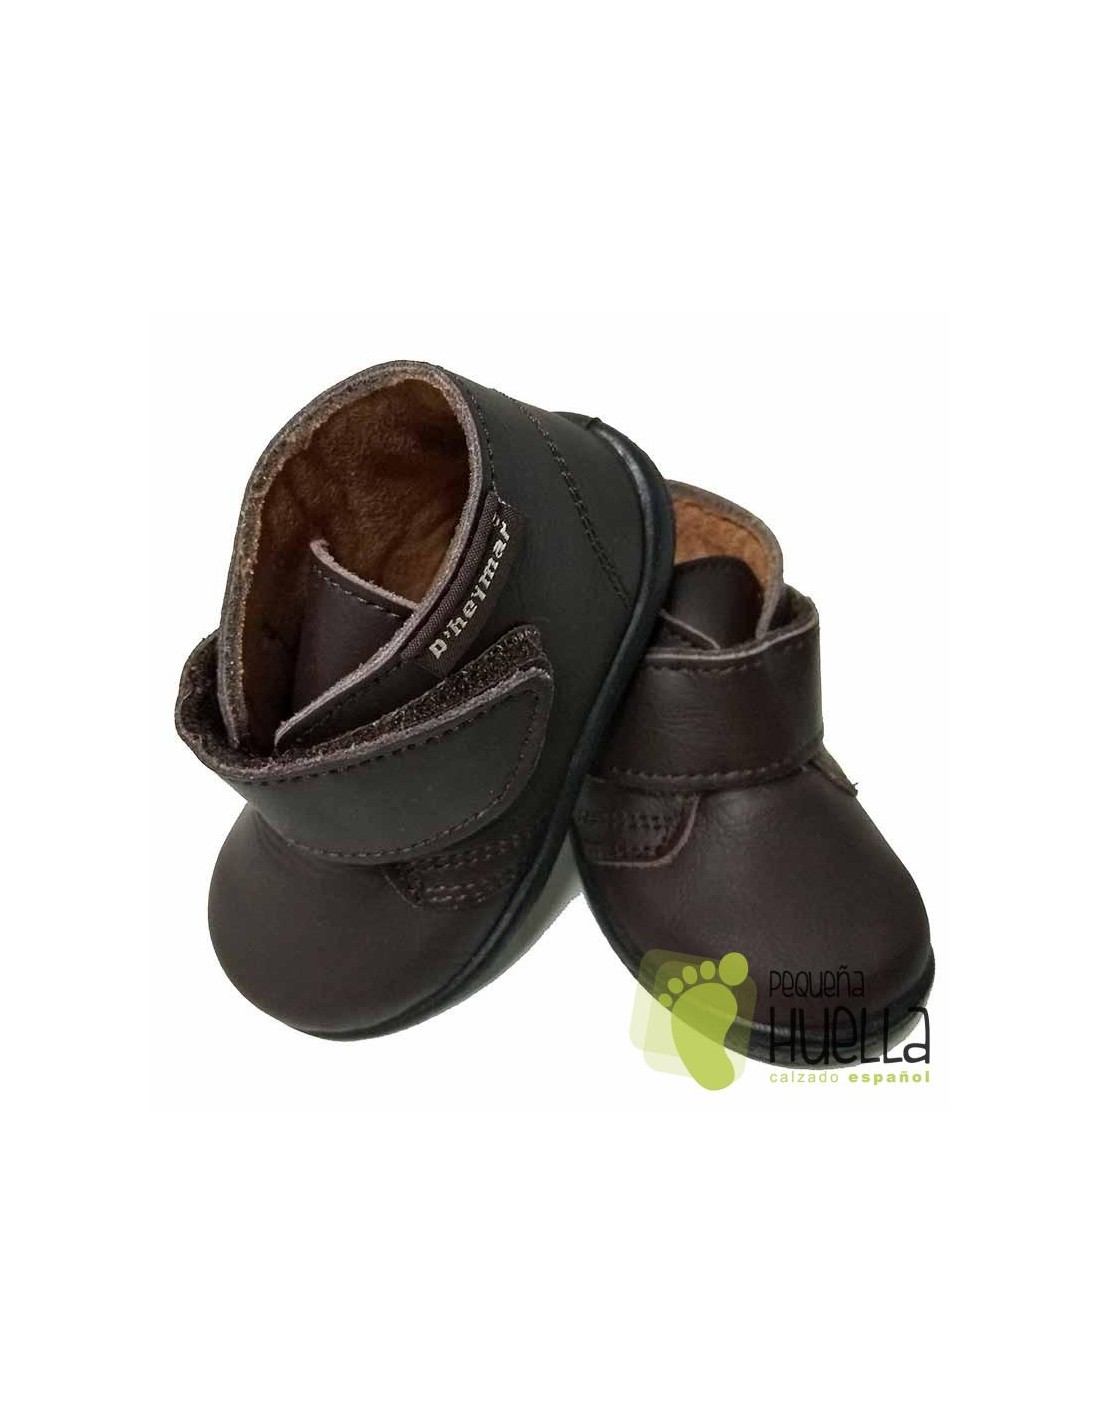 3a98694a6 Comprar Botas de Piel con Velcro Para Bebés en Madrid y Online